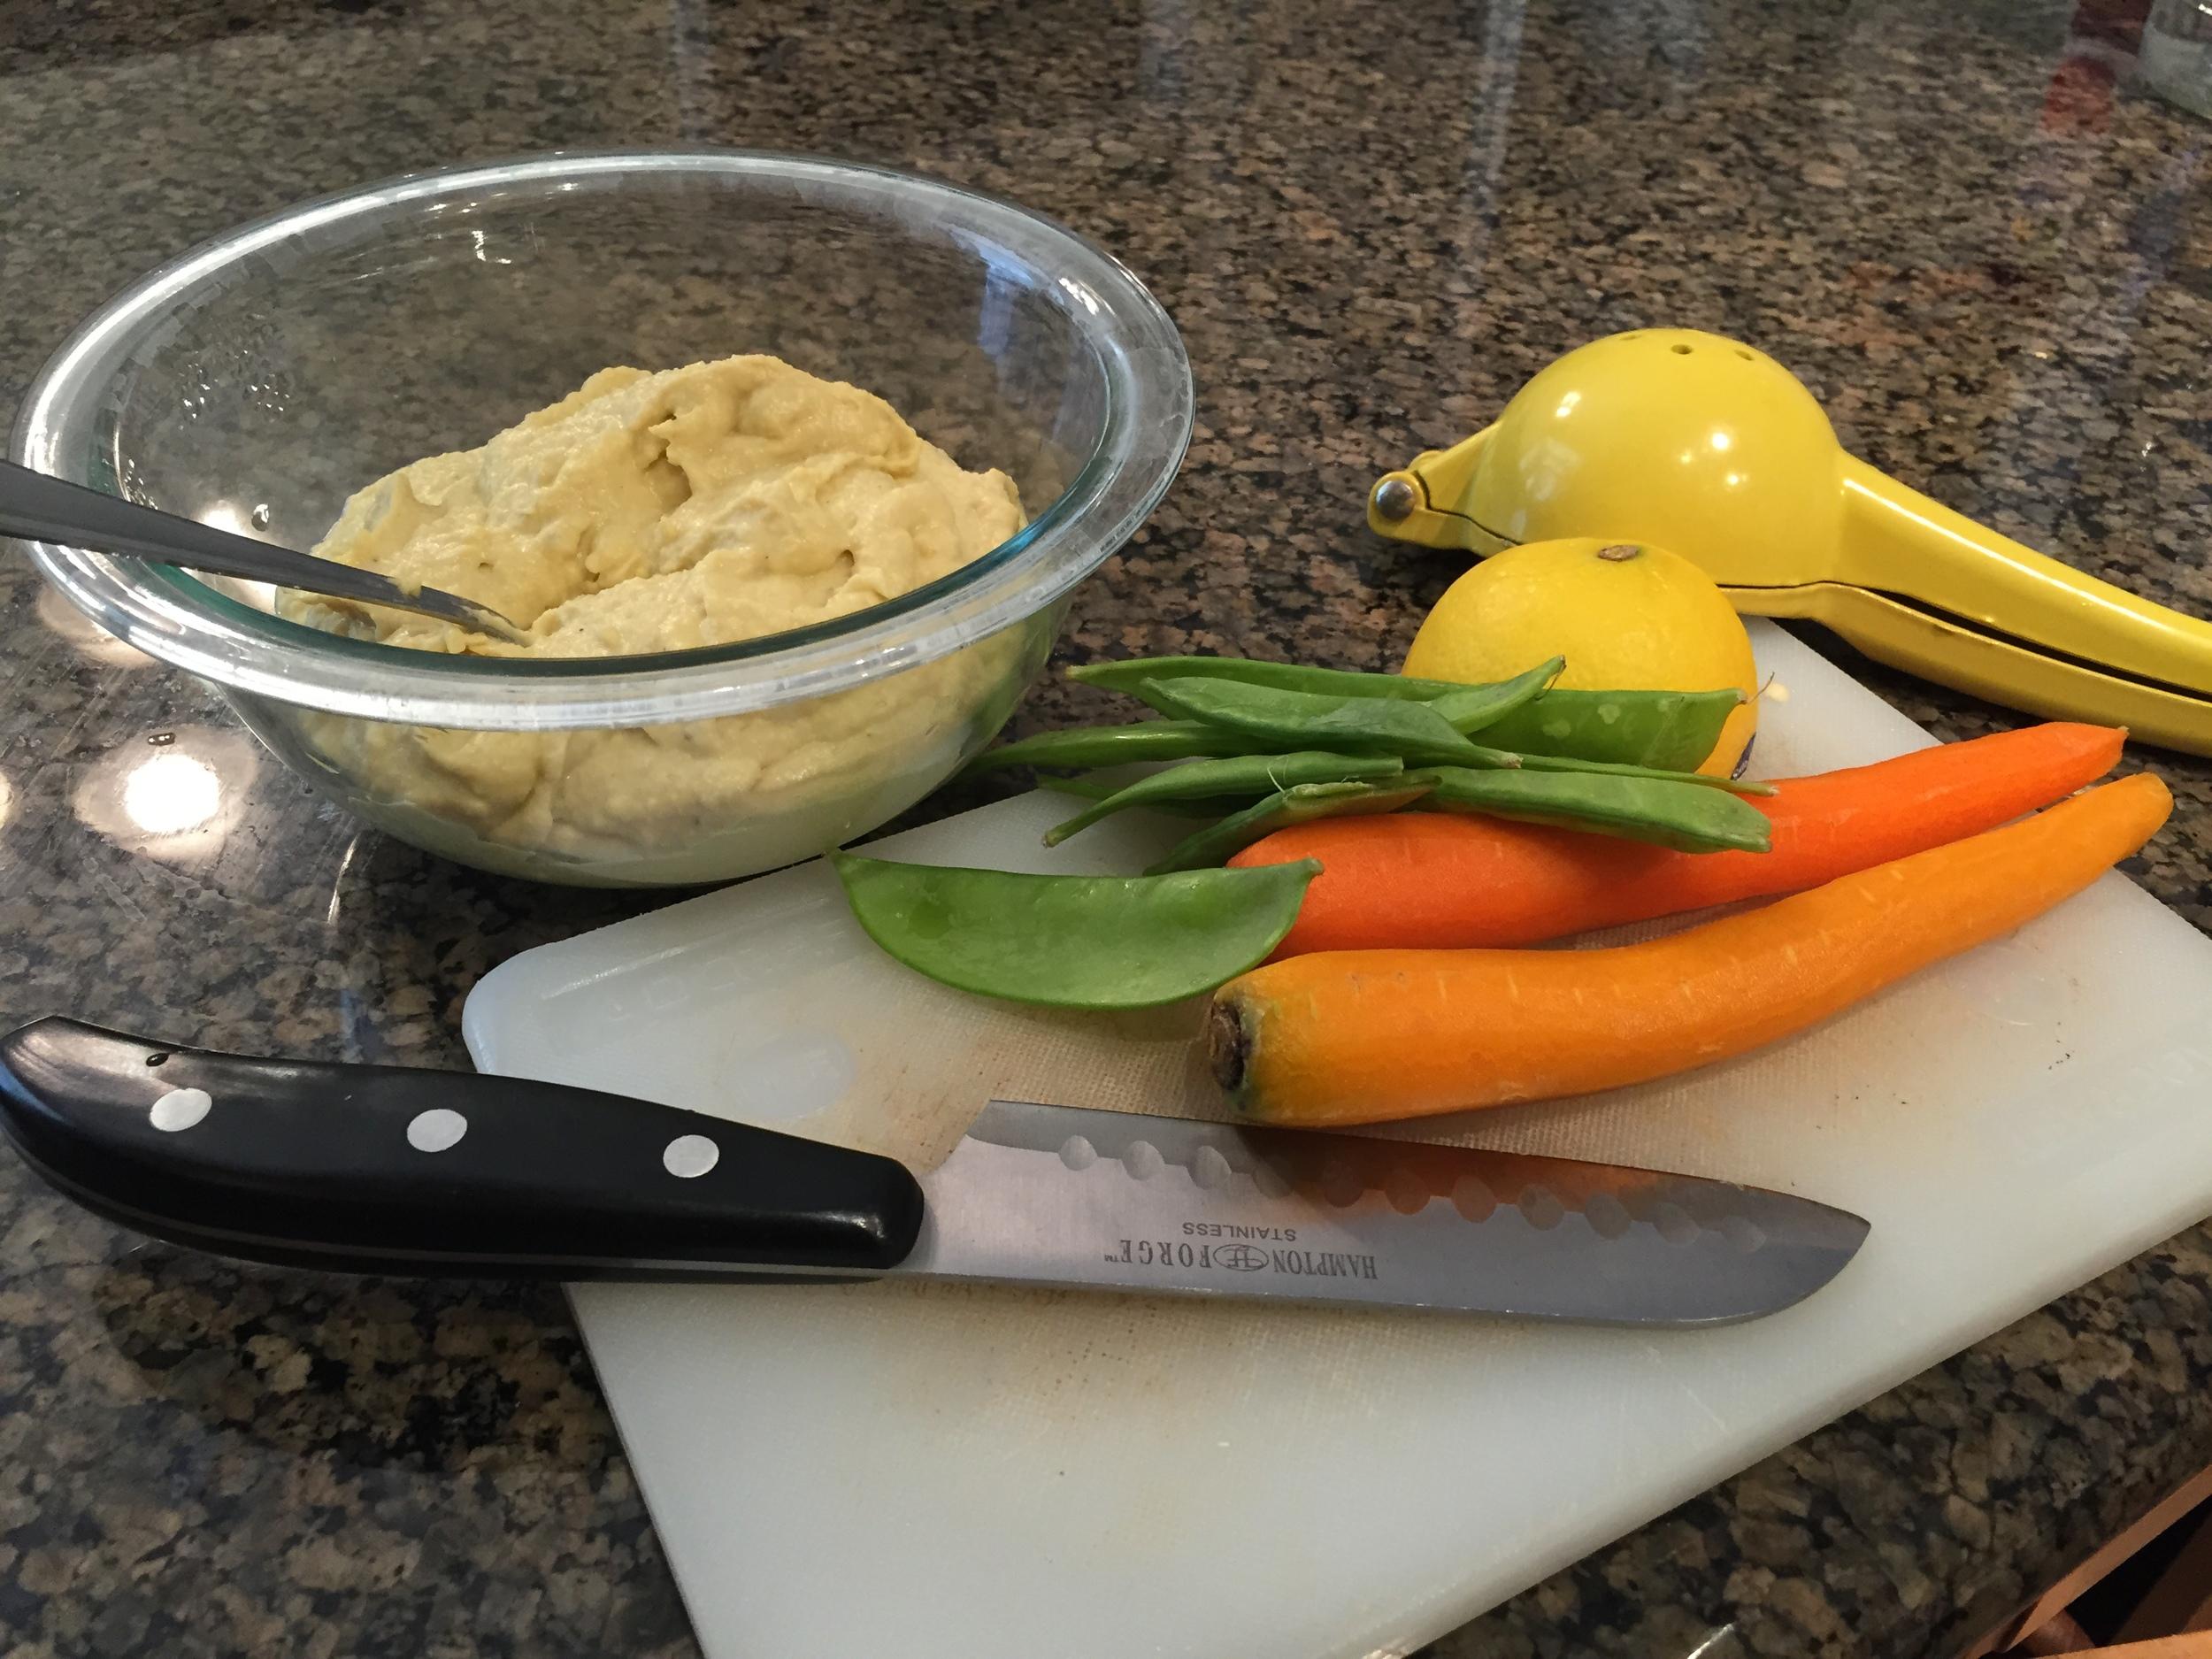 Roasted Garlic Hummus and veggies